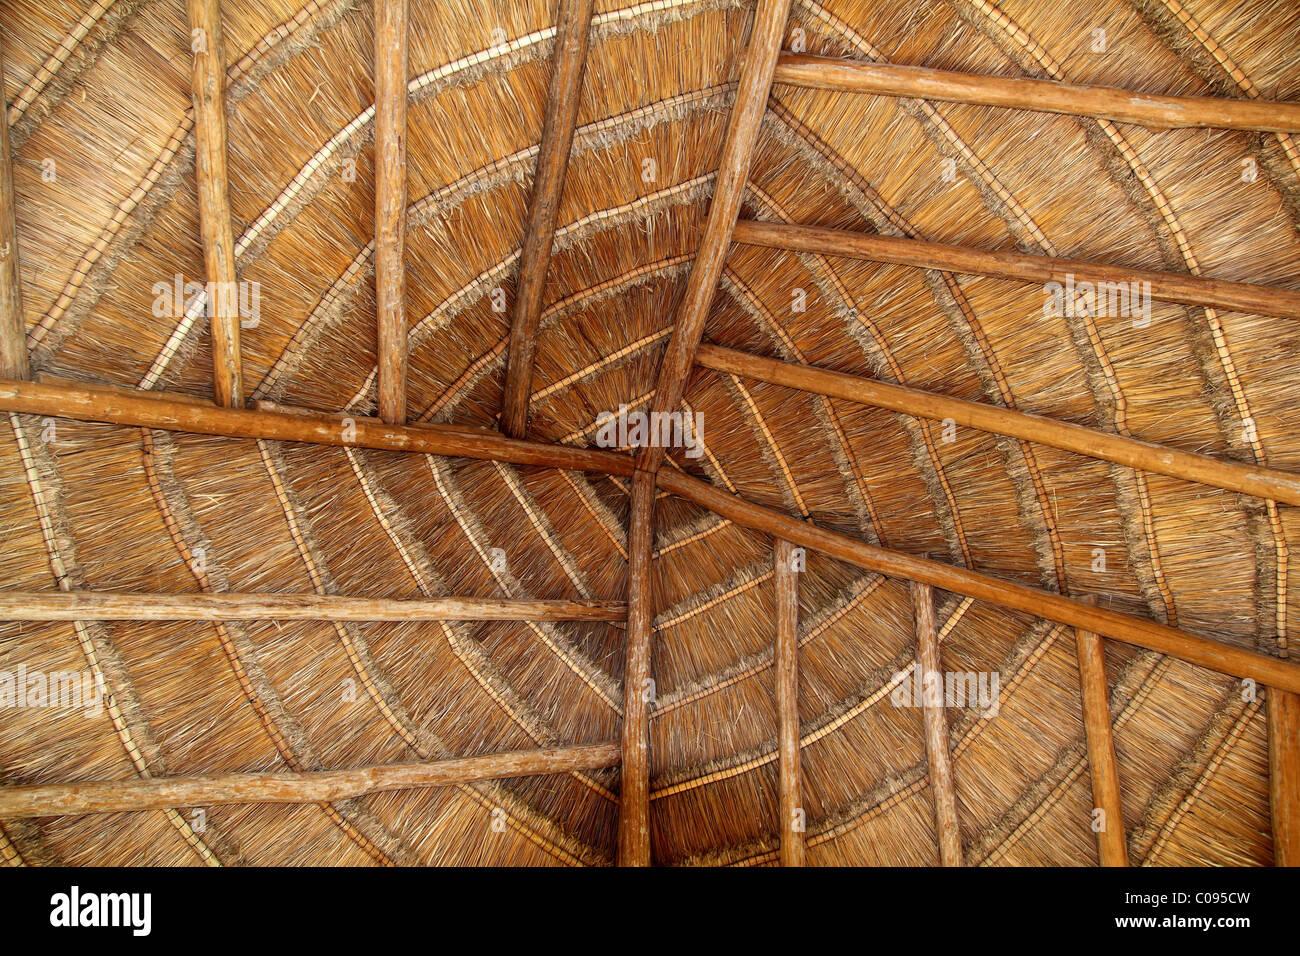 México tropical palapa madera interior detalle del techo de cabina Imagen De Stock